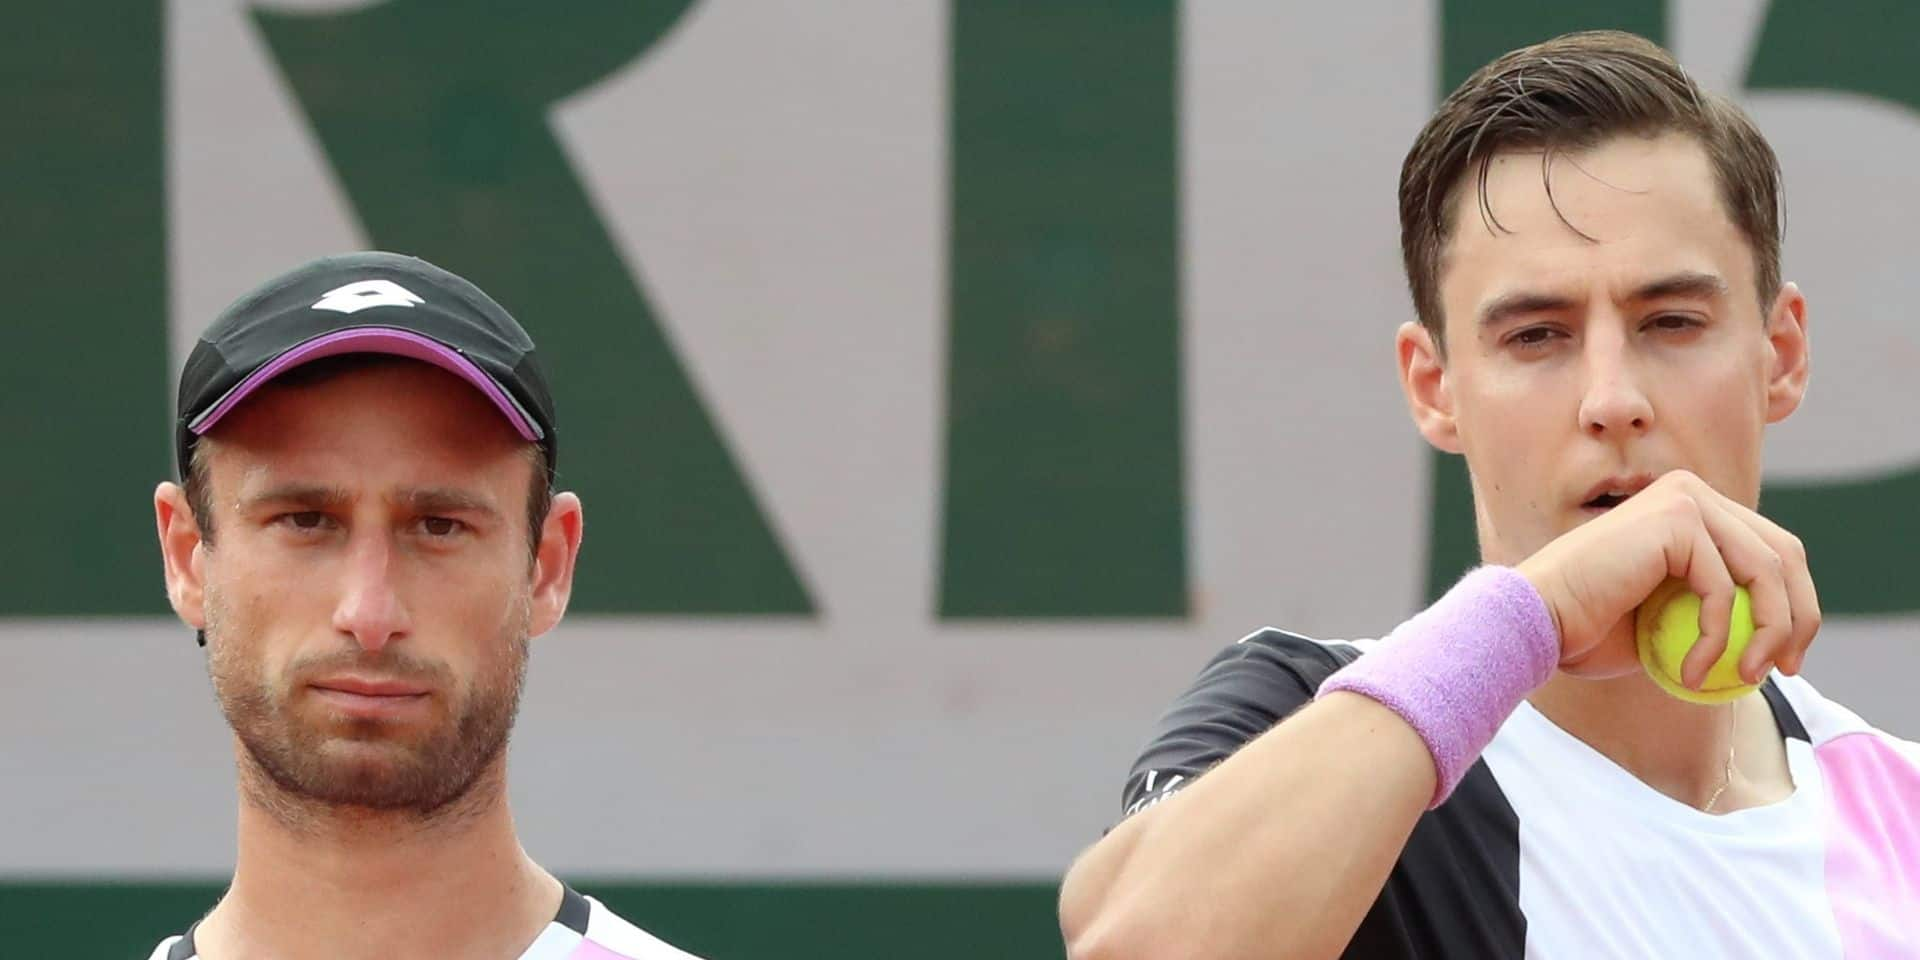 Roland-Garros: Sander Gillé et Joran Vliegen éliminés en 8e de finale du double, Mertens aussi sortie en double